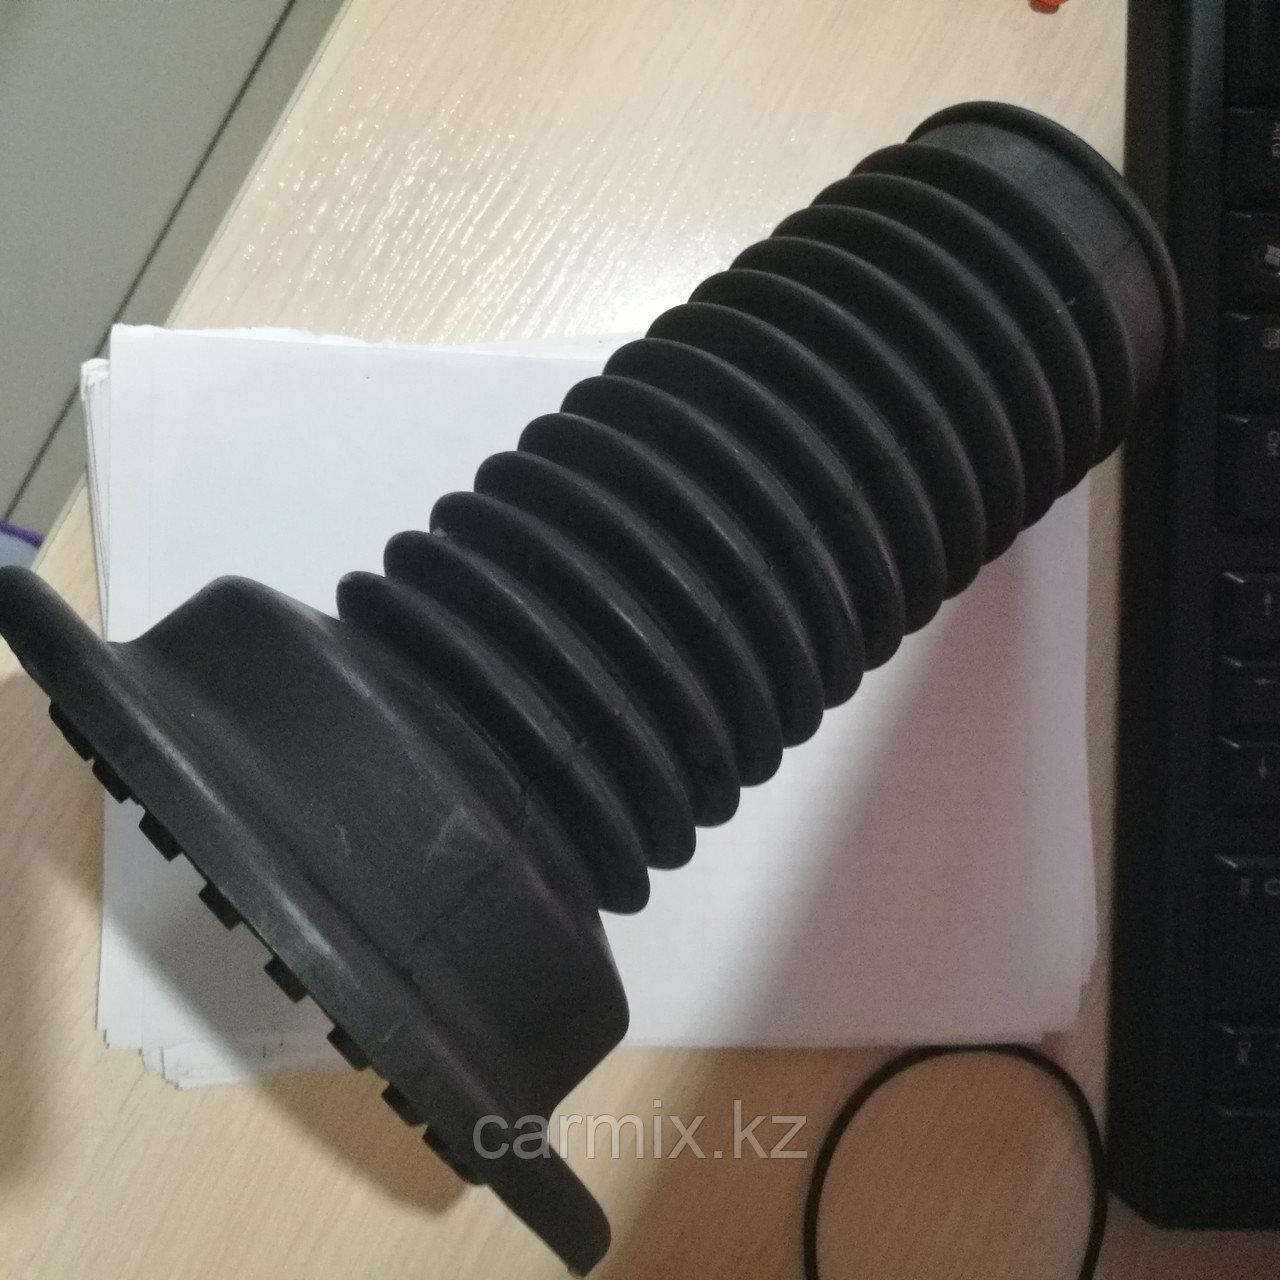 Пыльник амортизатора передний PREVIA ACR50, RAV4 ACA38